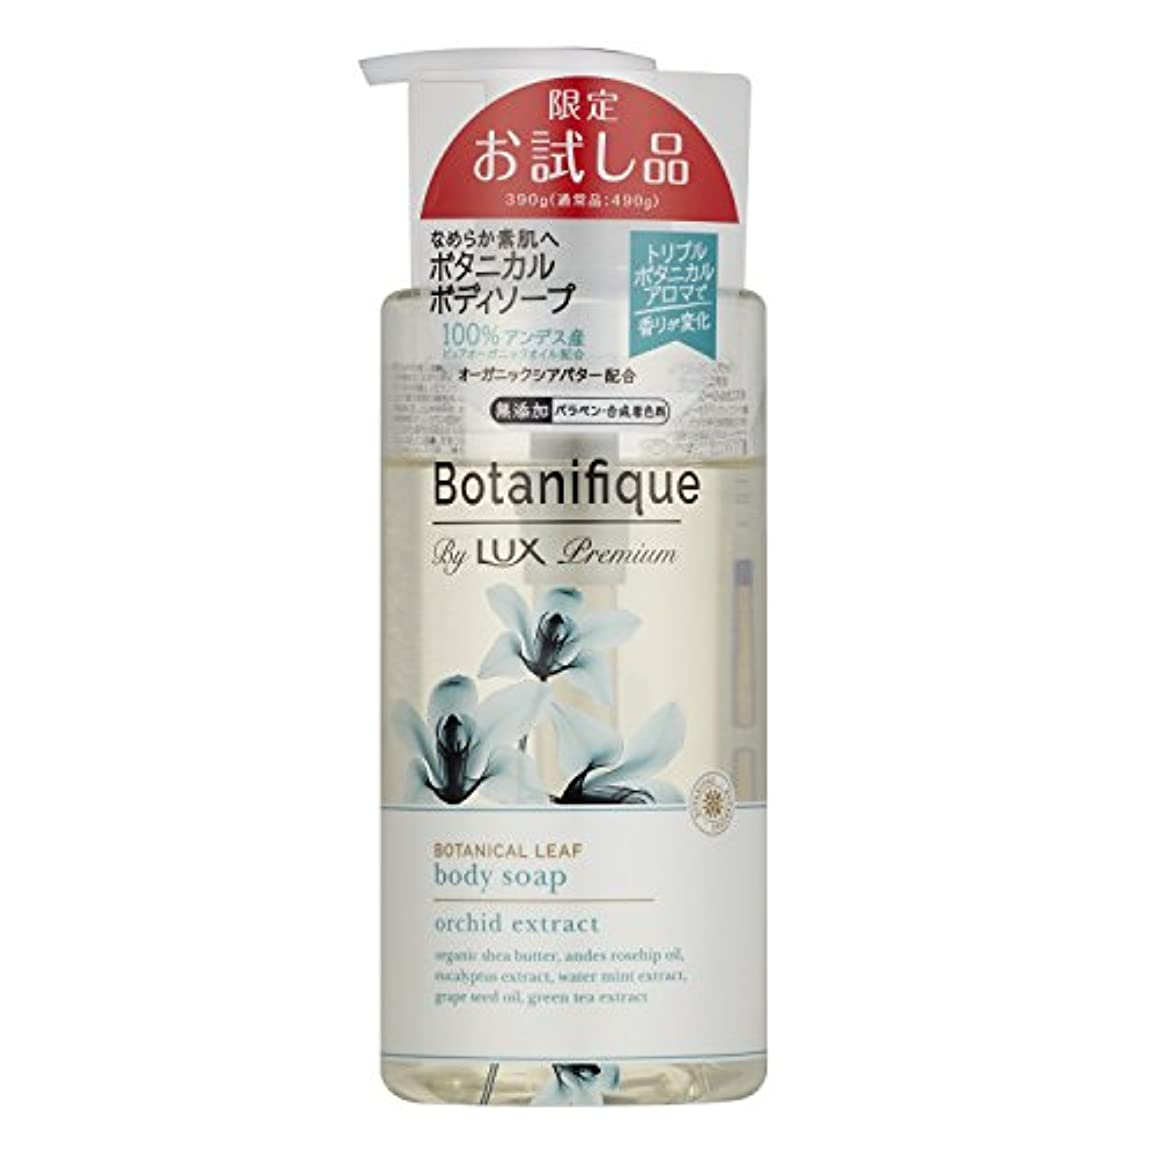 渦毎回ブランデーラックス プレミアム ボタニフィーク ボタニカルリーフ ボディソープ ポンプ(ボタニカルリーフの香り) お試し品 390g